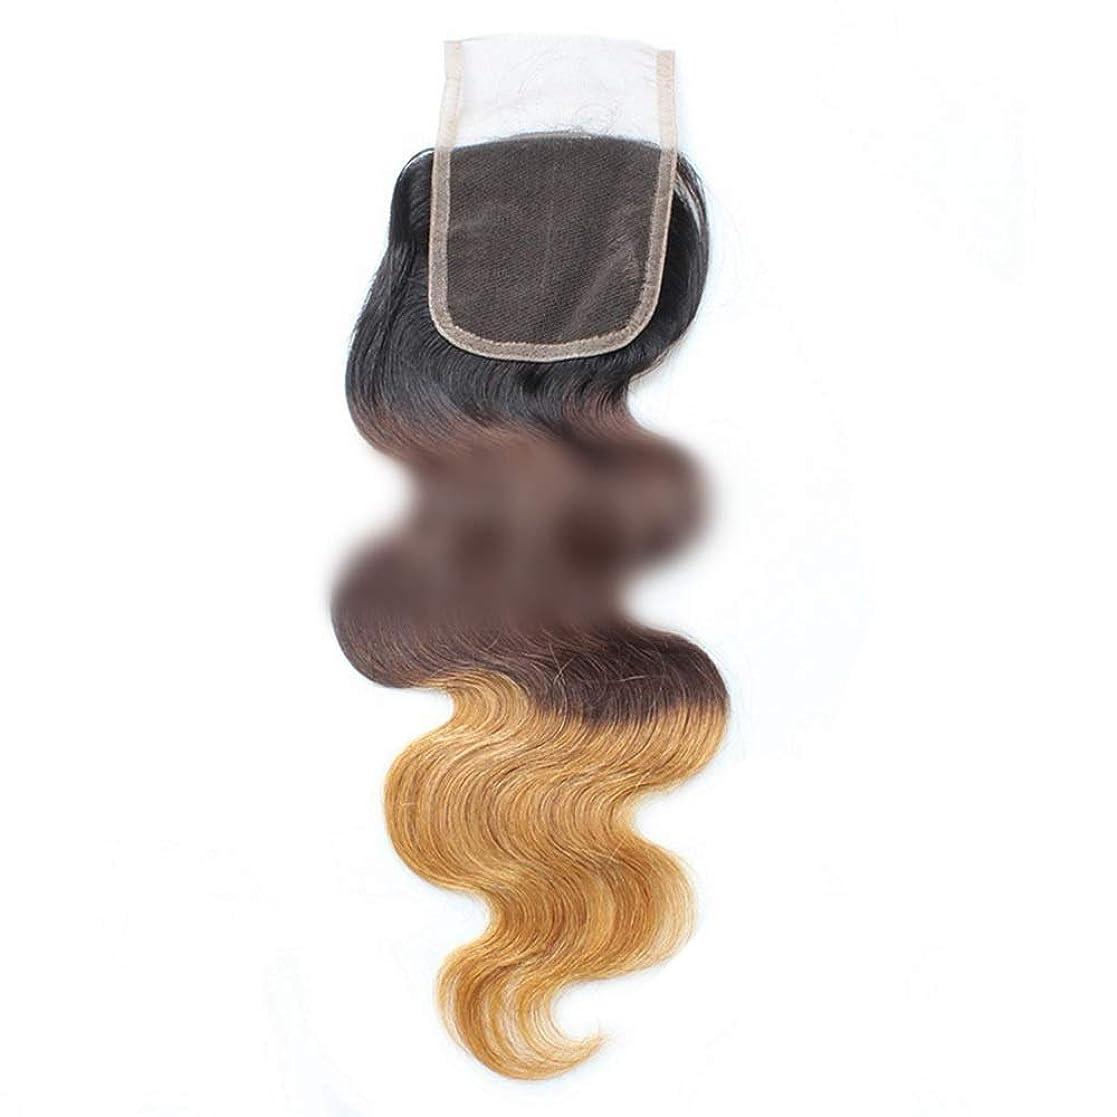 調停者祝福するマニアックYESONEEP 実体波4×4レース前頭閉鎖人間の髪の毛黒から茶色への3トーンカラー無料パートヘアコンポジットヘアレースかつらロールプレイングかつらロングとショート女性自然 (色 : ブラウン, サイズ : 16 inch)